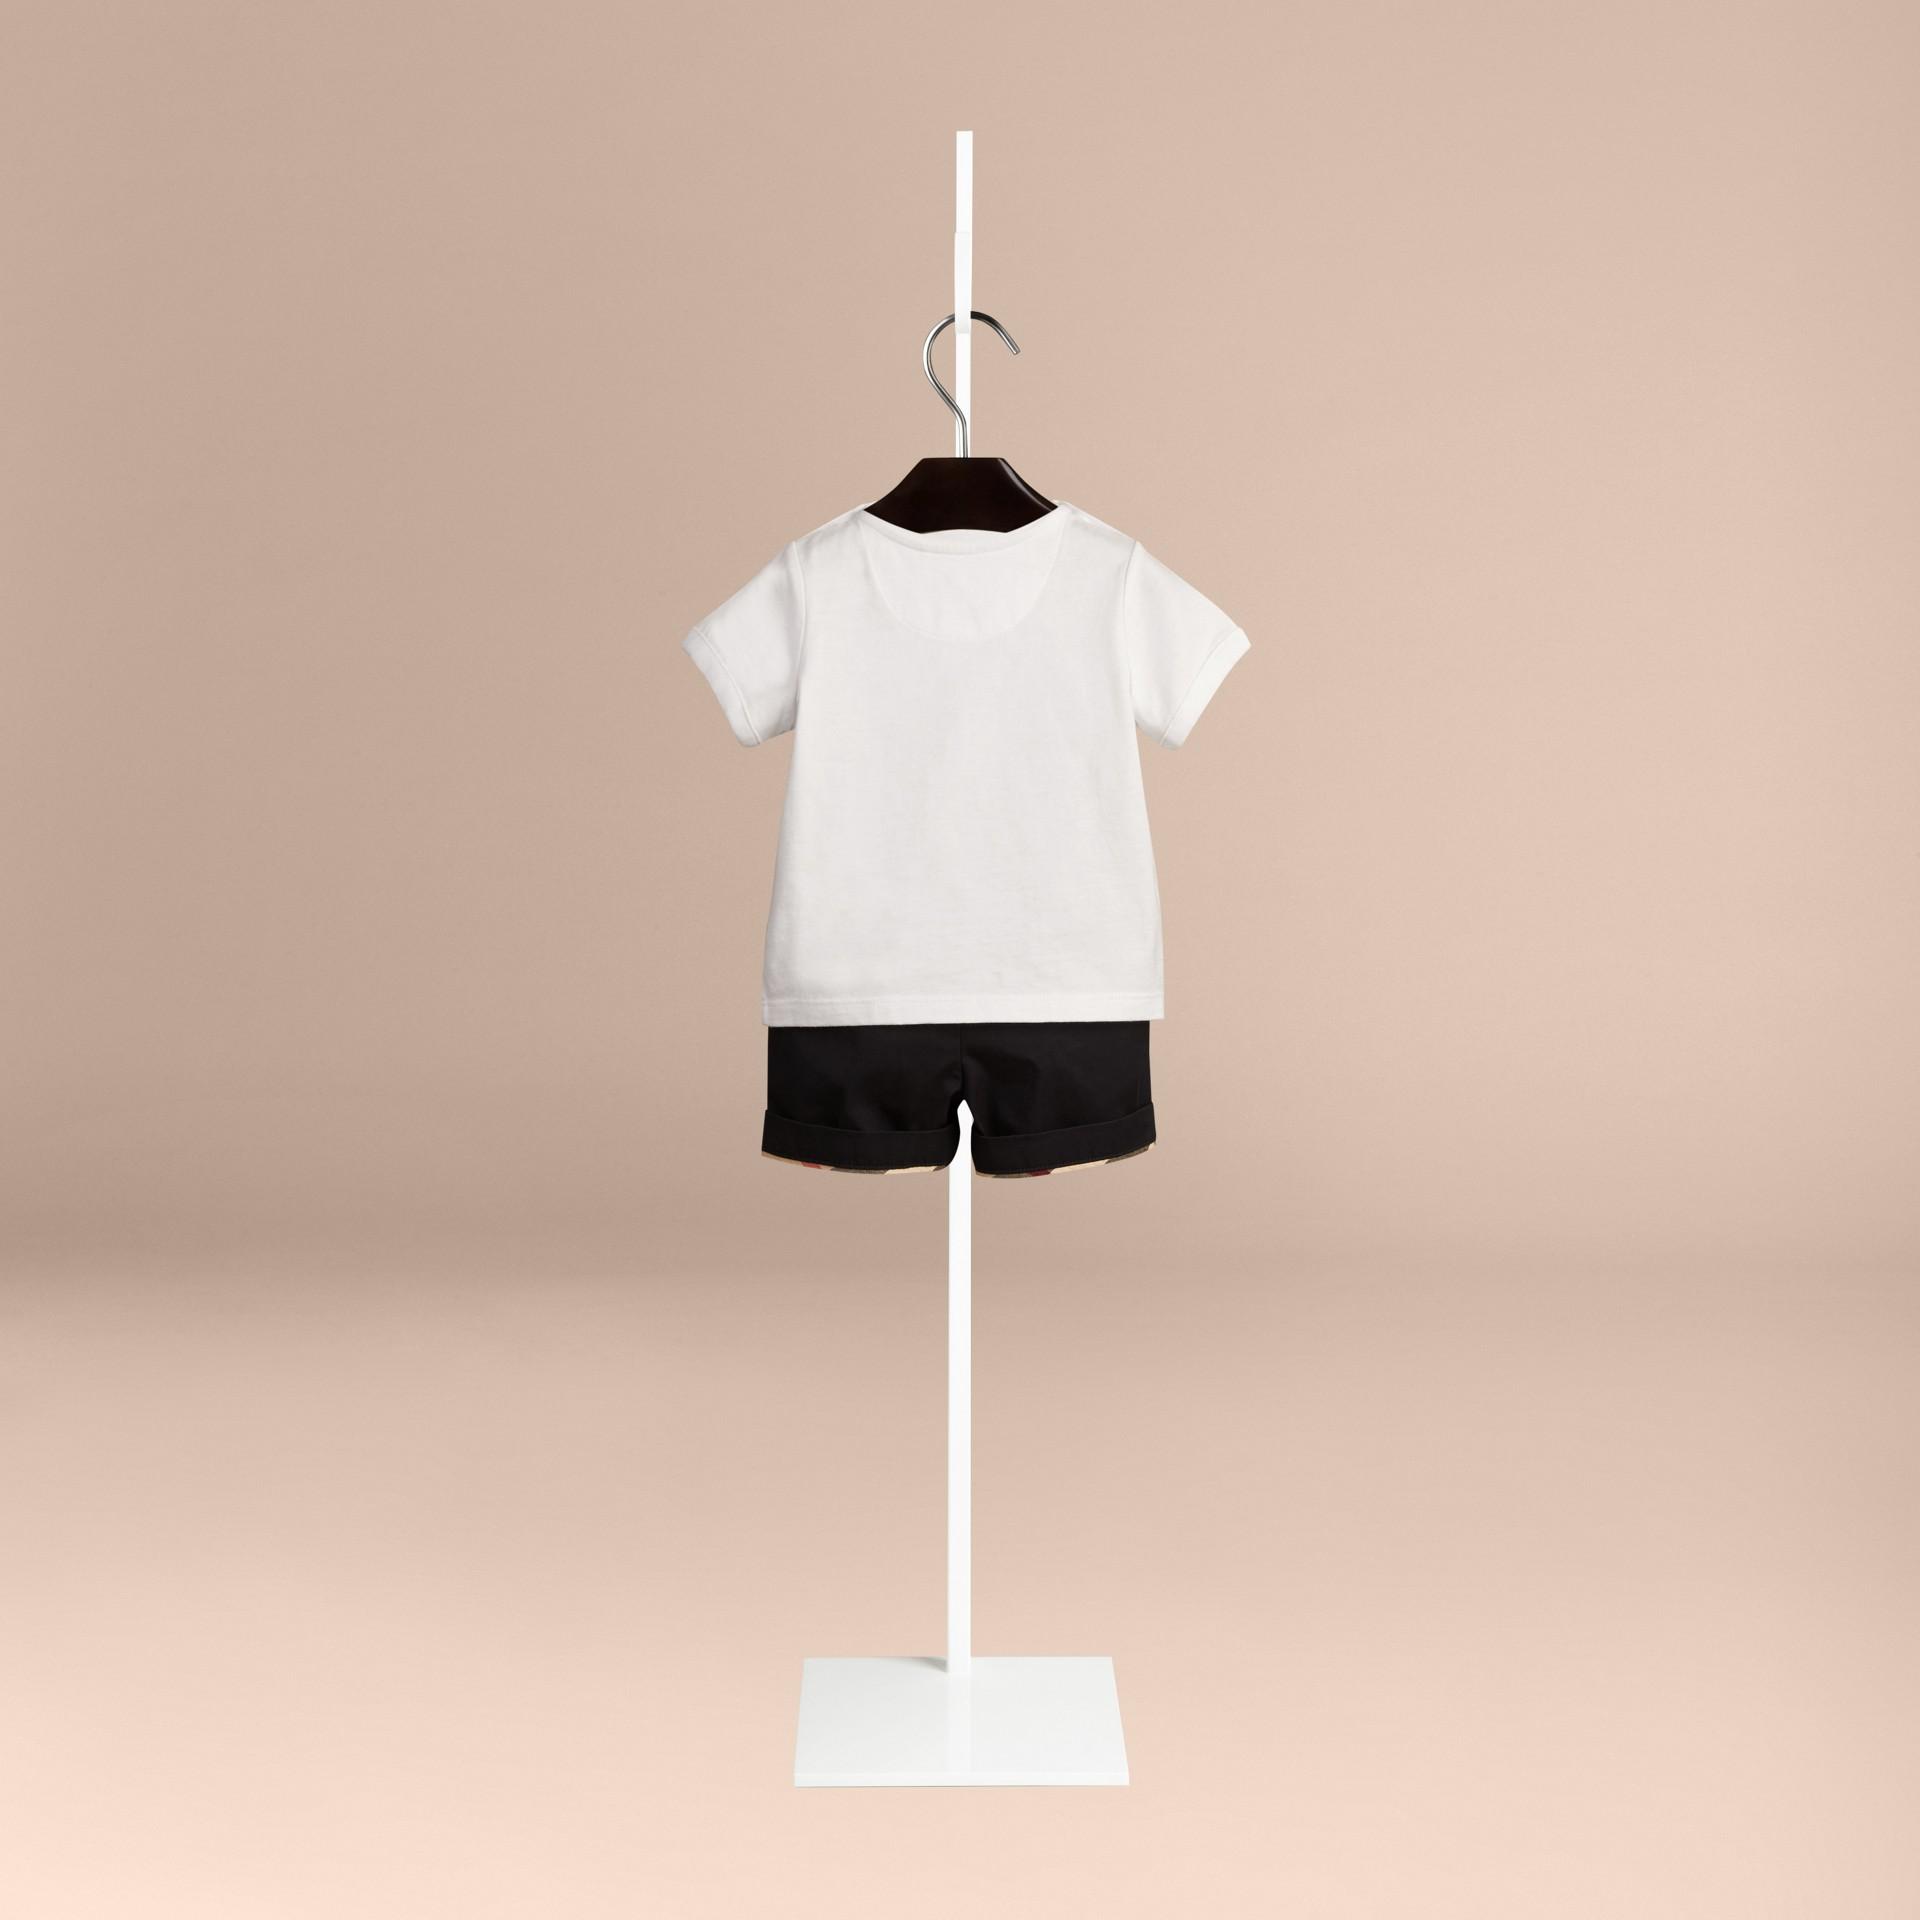 Branco Camiseta de algodão com estampa tipográfica - galeria de imagens 2